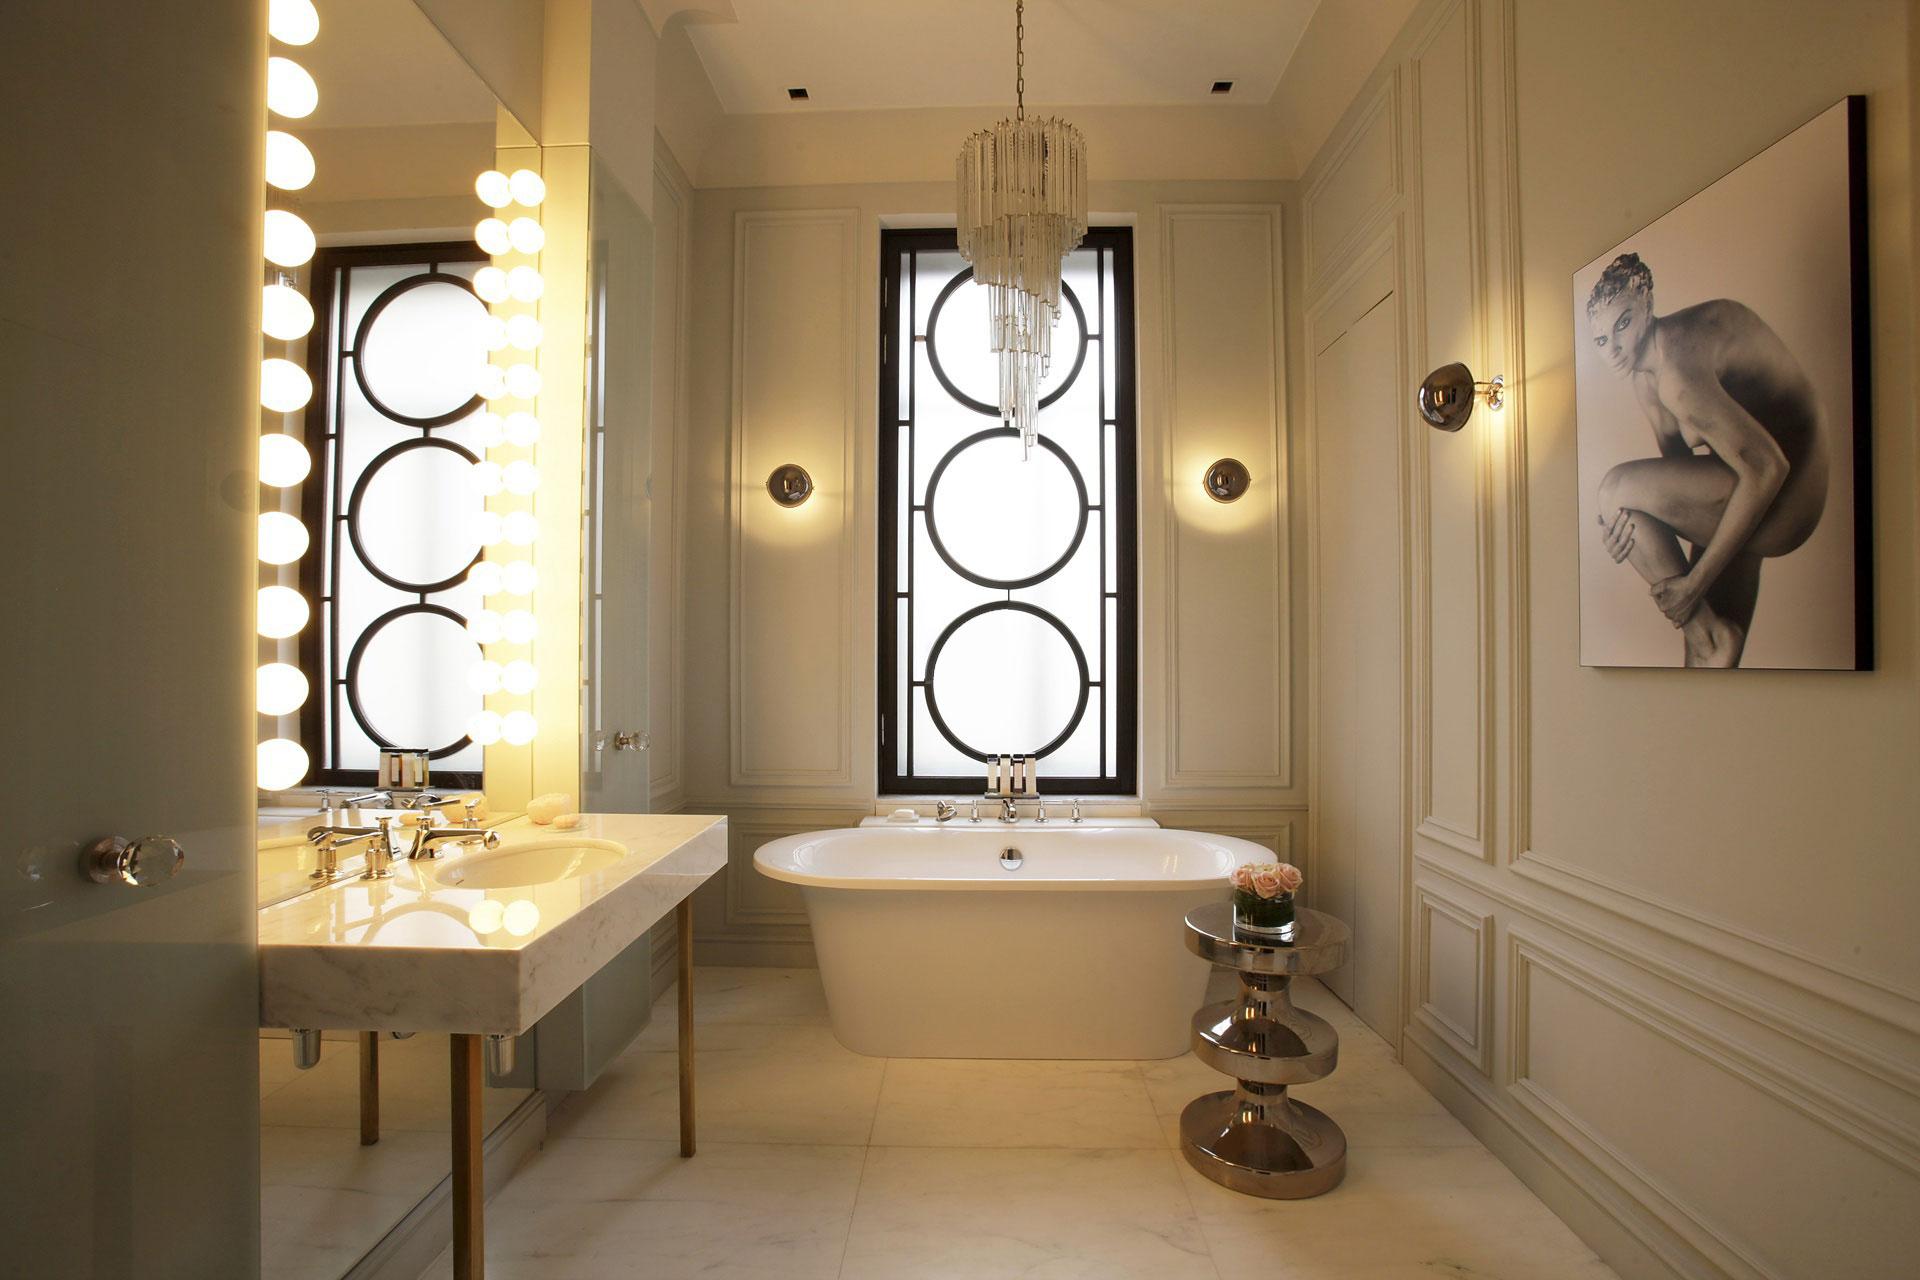 Освещение в ванной комнате (20 фото): дизайн потолка и расположение ламп